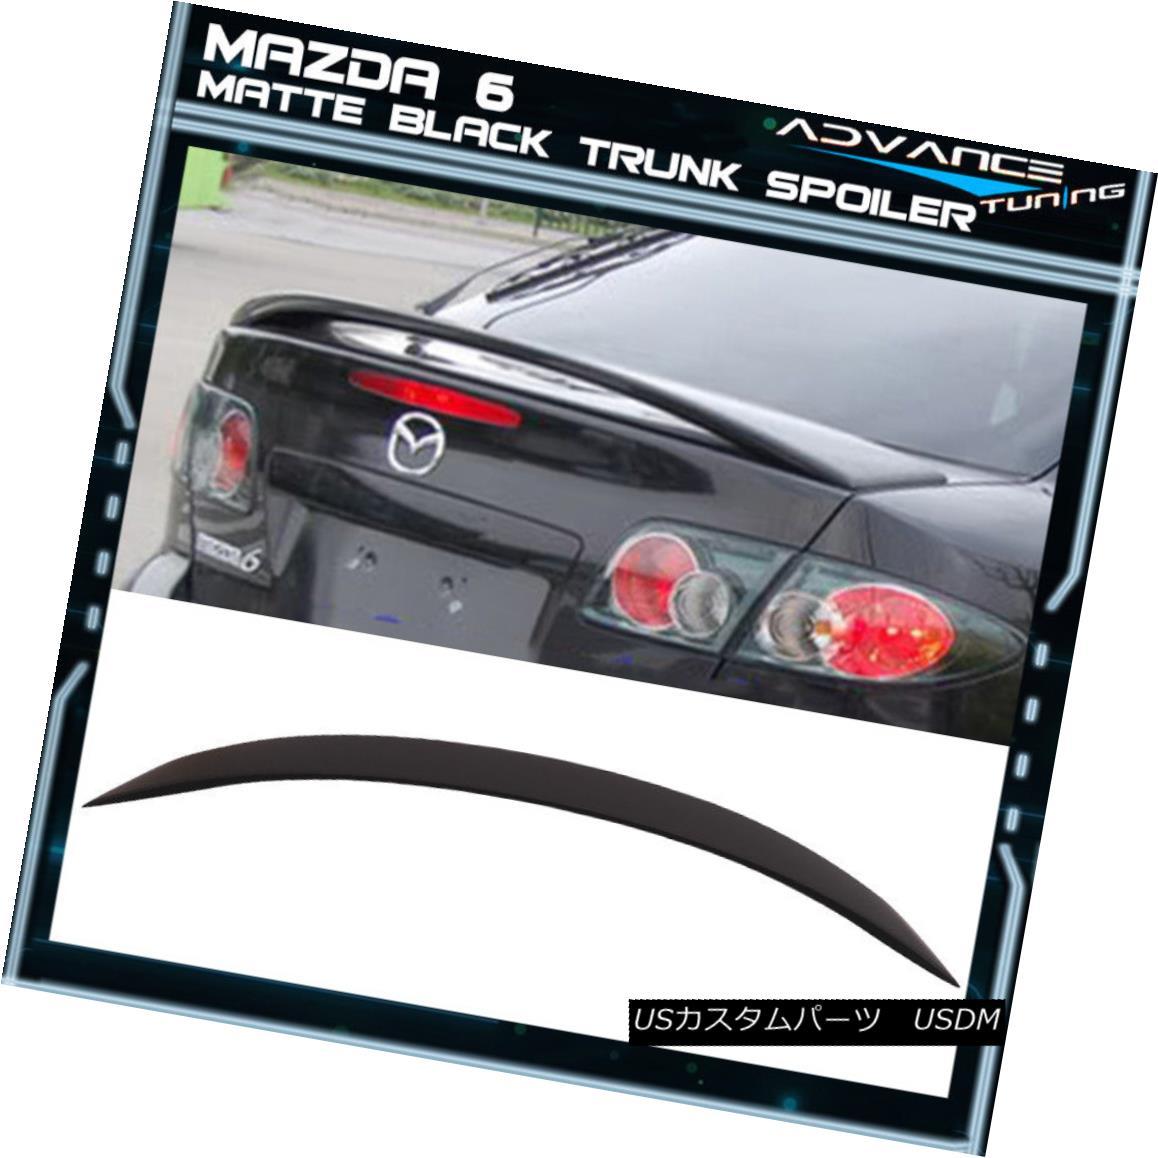 エアロパーツ Fits 03-08 Mazda 6 Mazda6 Sedan Flush Mount OE Style Matte Black Trunk Spoiler フィット03-08マツダ6マツダ6セダンフラッシュマウントOEスタイルマットブラックトランクスポイラー